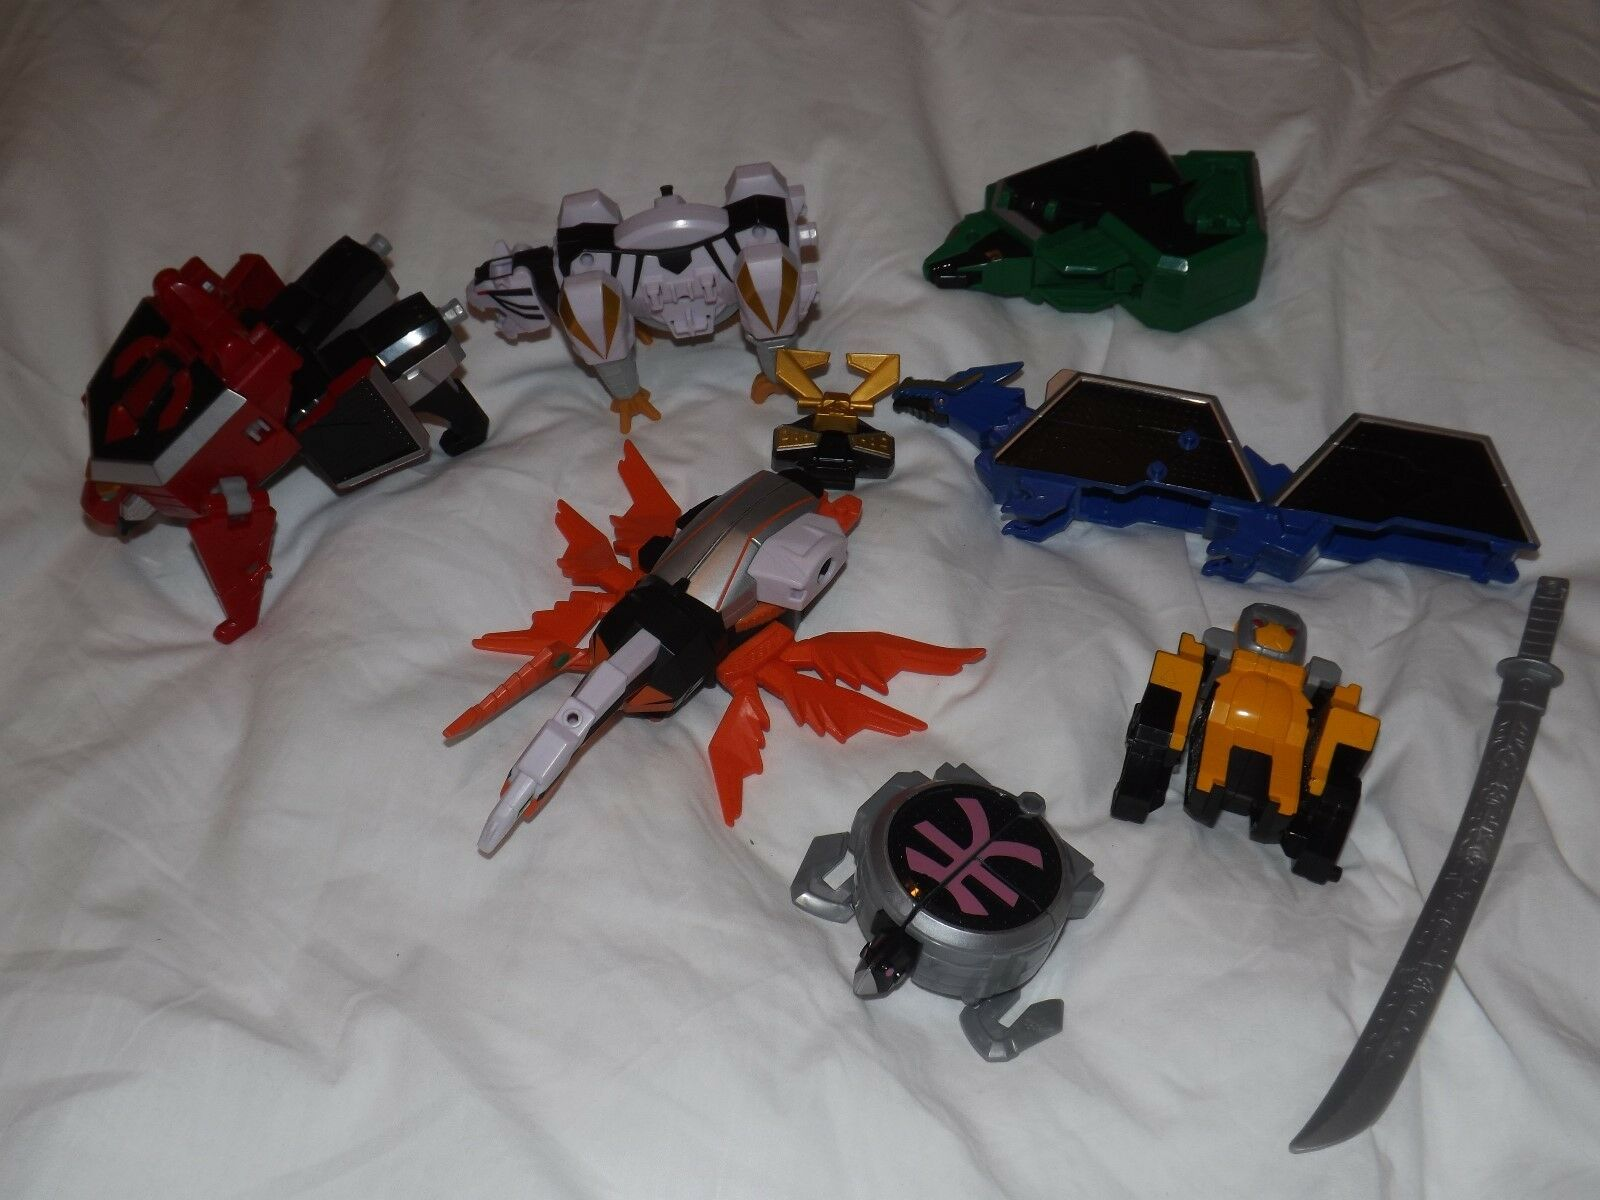 Grande Super Samurai Power Rangers Ranger Megazord Zord Origami